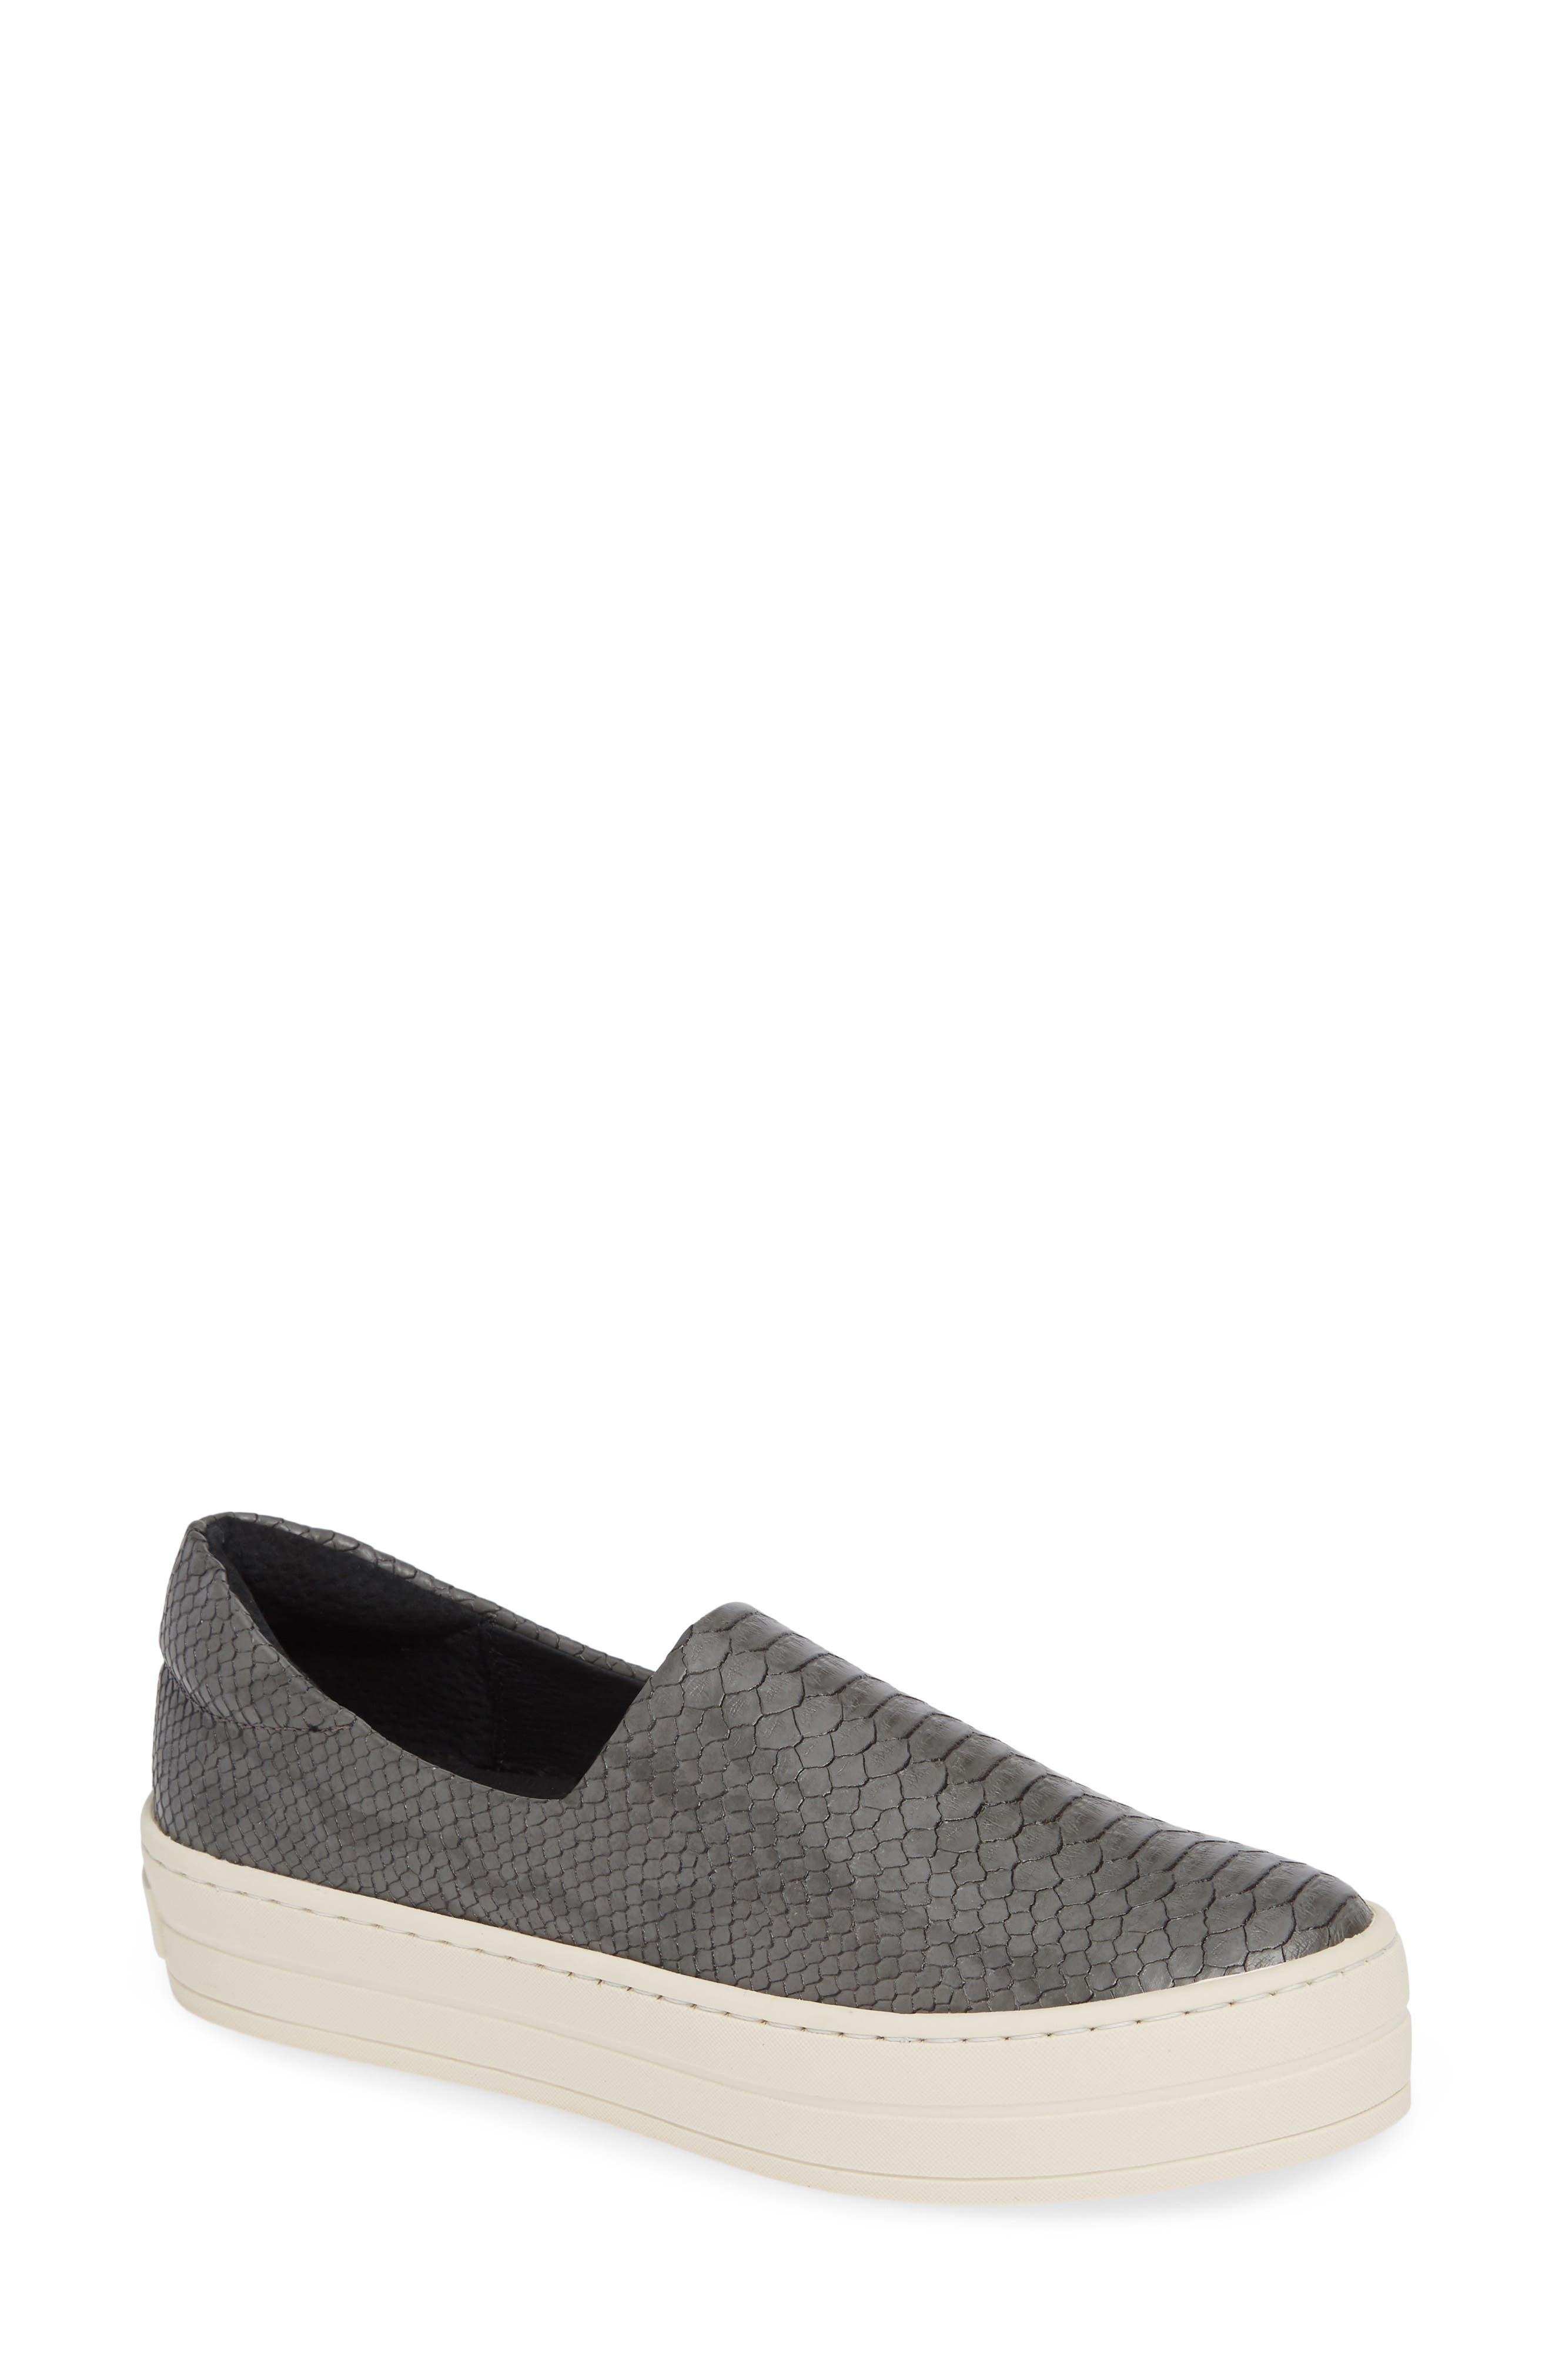 Jslides Harlow Slip-On Platform Sneaker, Grey